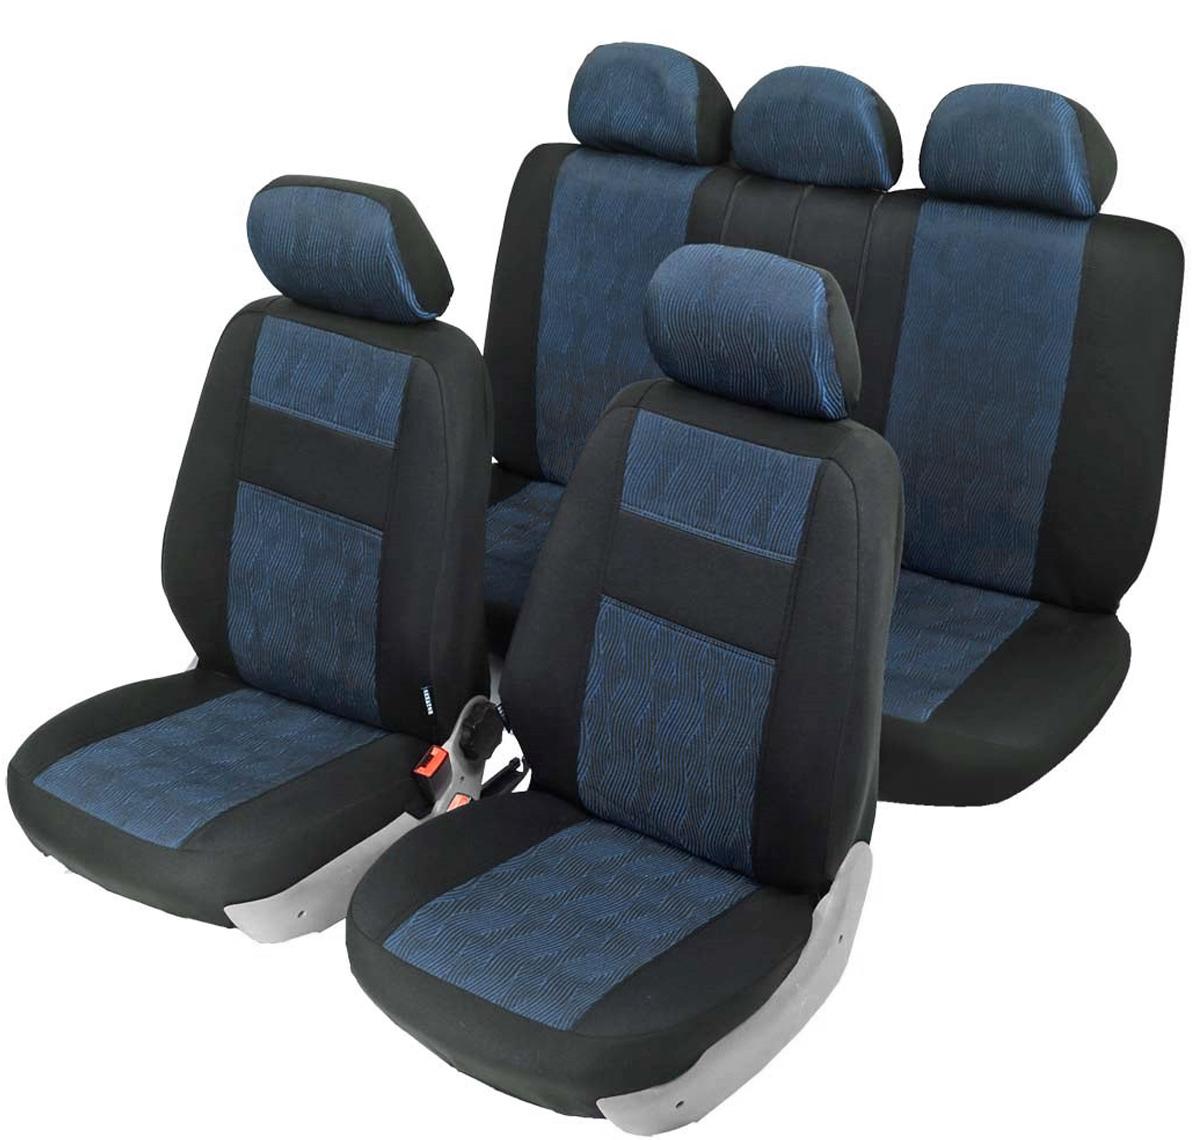 Чехлы автомобильные универсальные Senator Arizona, с карманом, цвет: черный, синий, 6 молний, 11 предметов. Размер MS1010231Универсальные классические чехлы Senator Arizona выполнены из сверхпрочного жаккарда. Применимы для 95% легкового автопарка РФ. Благодаря особому крою типа В чехлы идеально облегают сидения автомобиля. Специальный боковой шов позволяет применять авто чехлы в автомобилях с боковыми подушками безопасности (AIR BAG). Раздельная схема надевания обеспечивает легкую установку чехлов. Дополнительное удобство создает наличие предустановленных крючков, утягивающего шнура, фиксирующей липучки на передних спинках, а также предустановленной прорези для установки подголовника. Материал триплирован огнеупорным поролоном толщиной 5 мм, за счет чего чехол приобретает дополнительную мягкость и устойчивость к возгоранию.Авточехлы Senator Arizona износоустойчивы и легко стираются в стиральной машине.